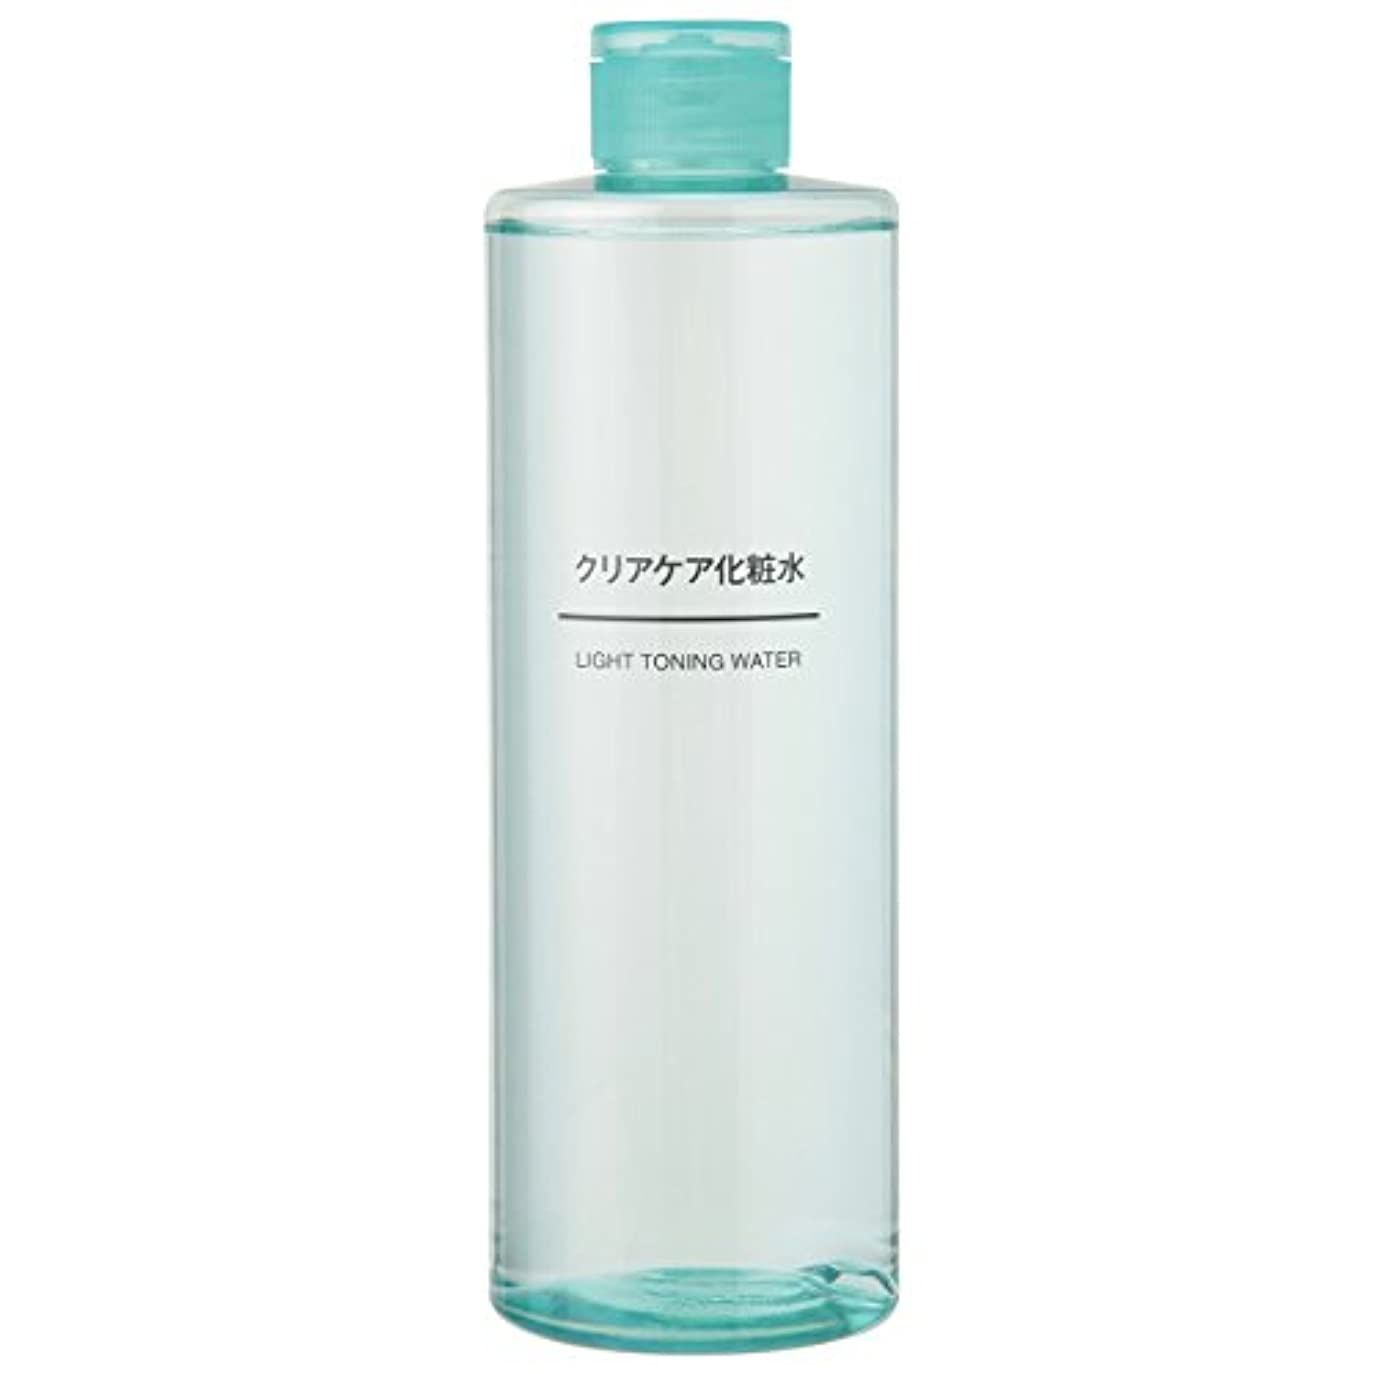 閉じる平和な不利無印良品 クリアケア化粧水(大容量) 400ml